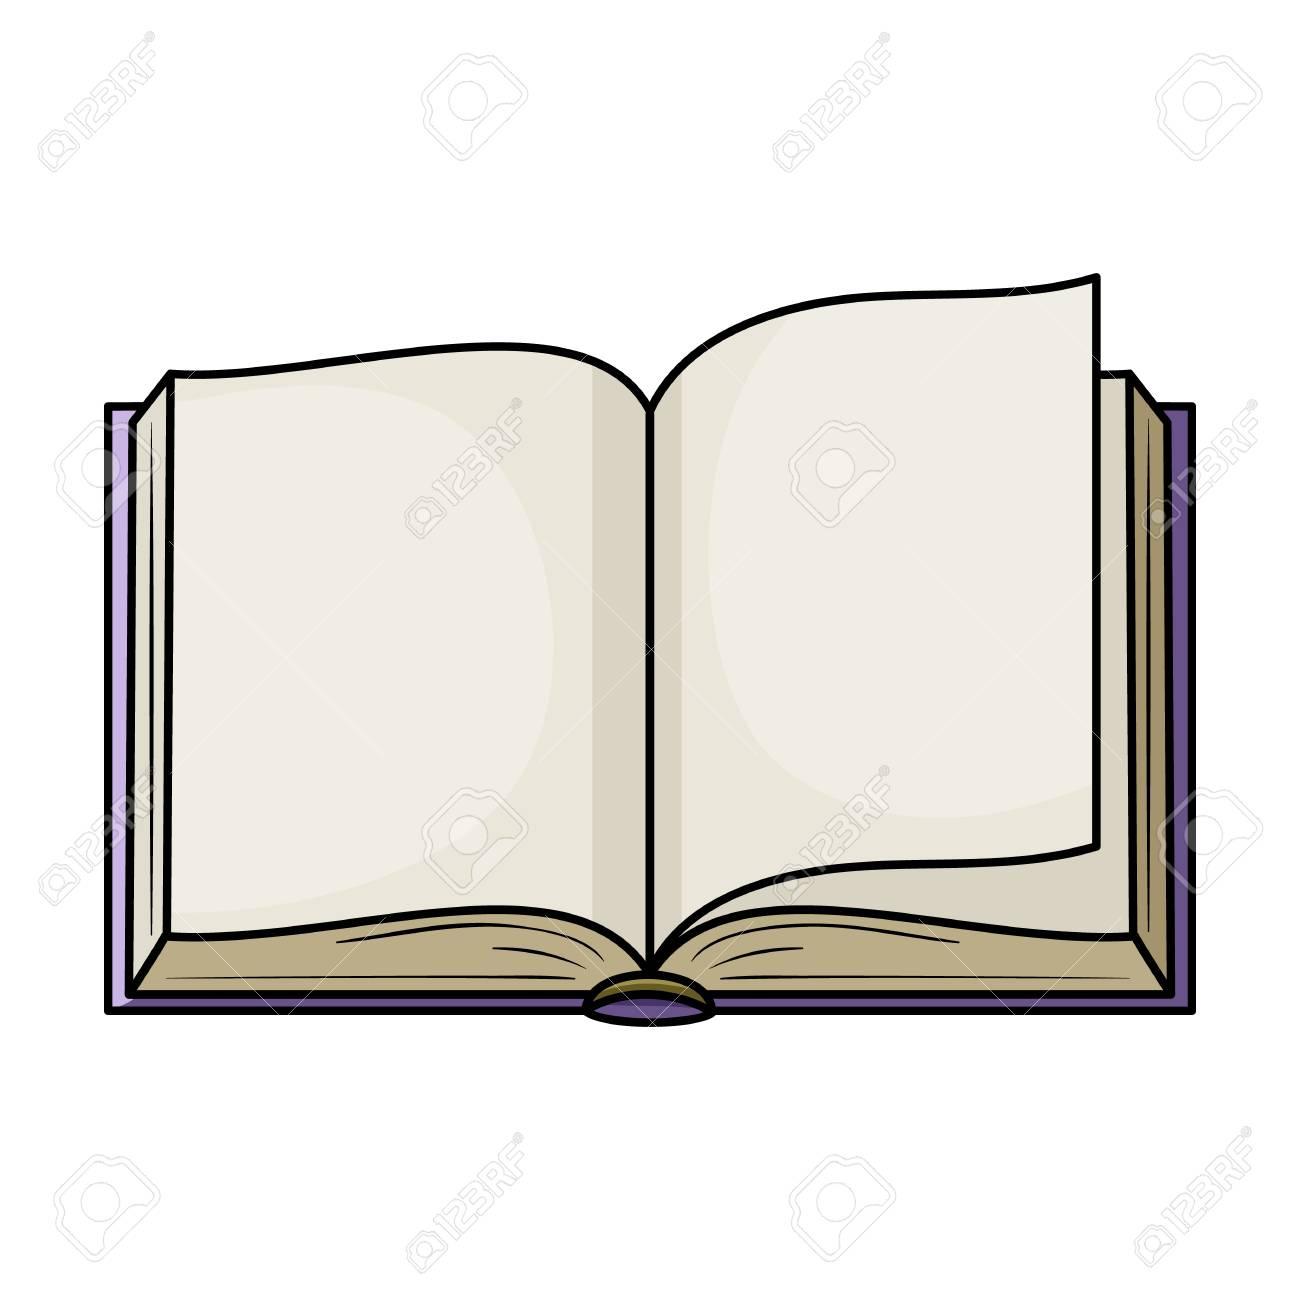 Icono De Libro Abierto En Estilo De Dibujos Animados Aislado Sobre